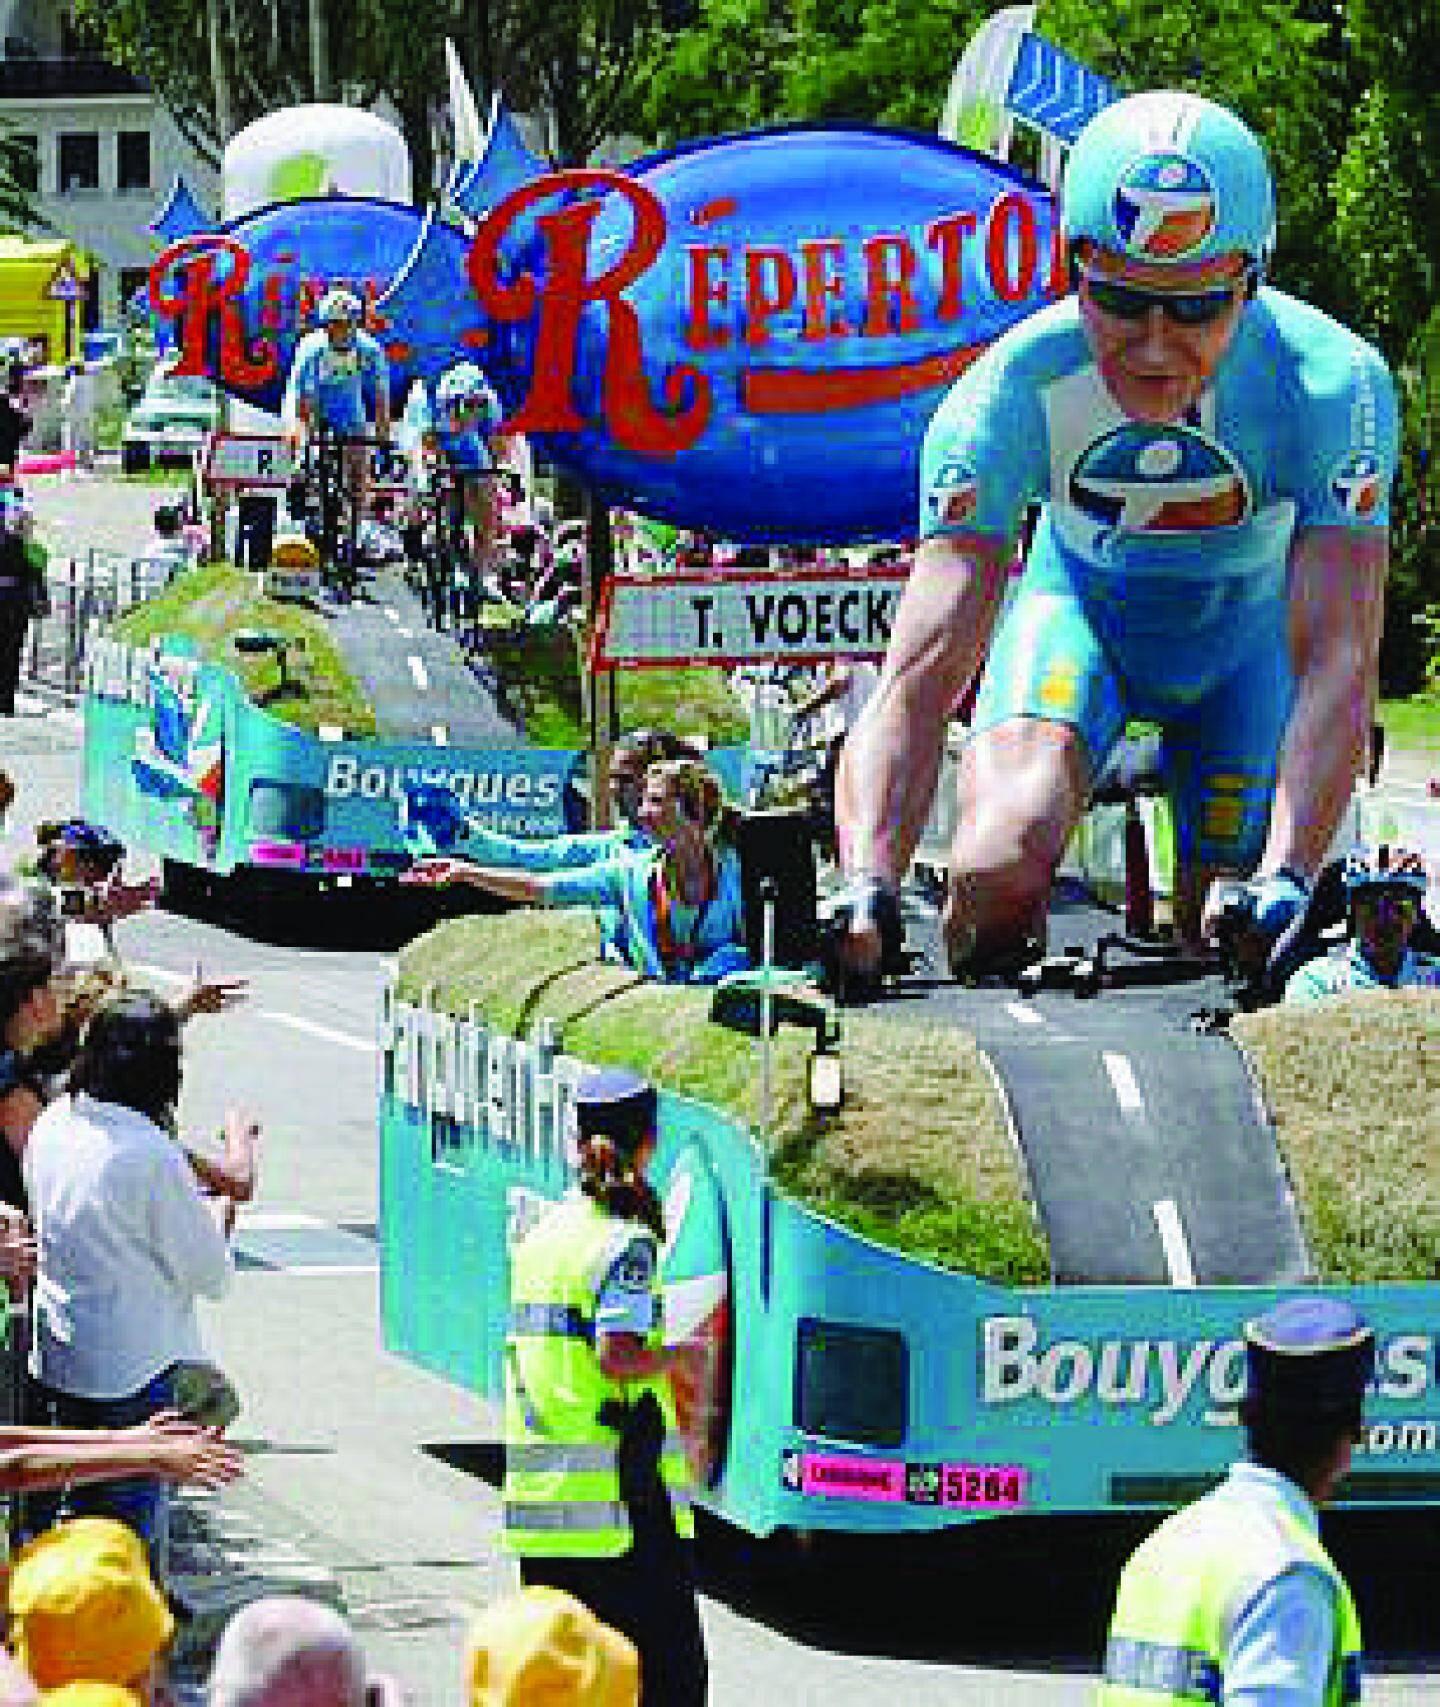 Le peloton avait traversé Cagnes-sur-Mer en 2009, il y reviendra l'été prochain, puisque le Tour y prendra le départ de la 5e étape, mercredi 3 juillet.